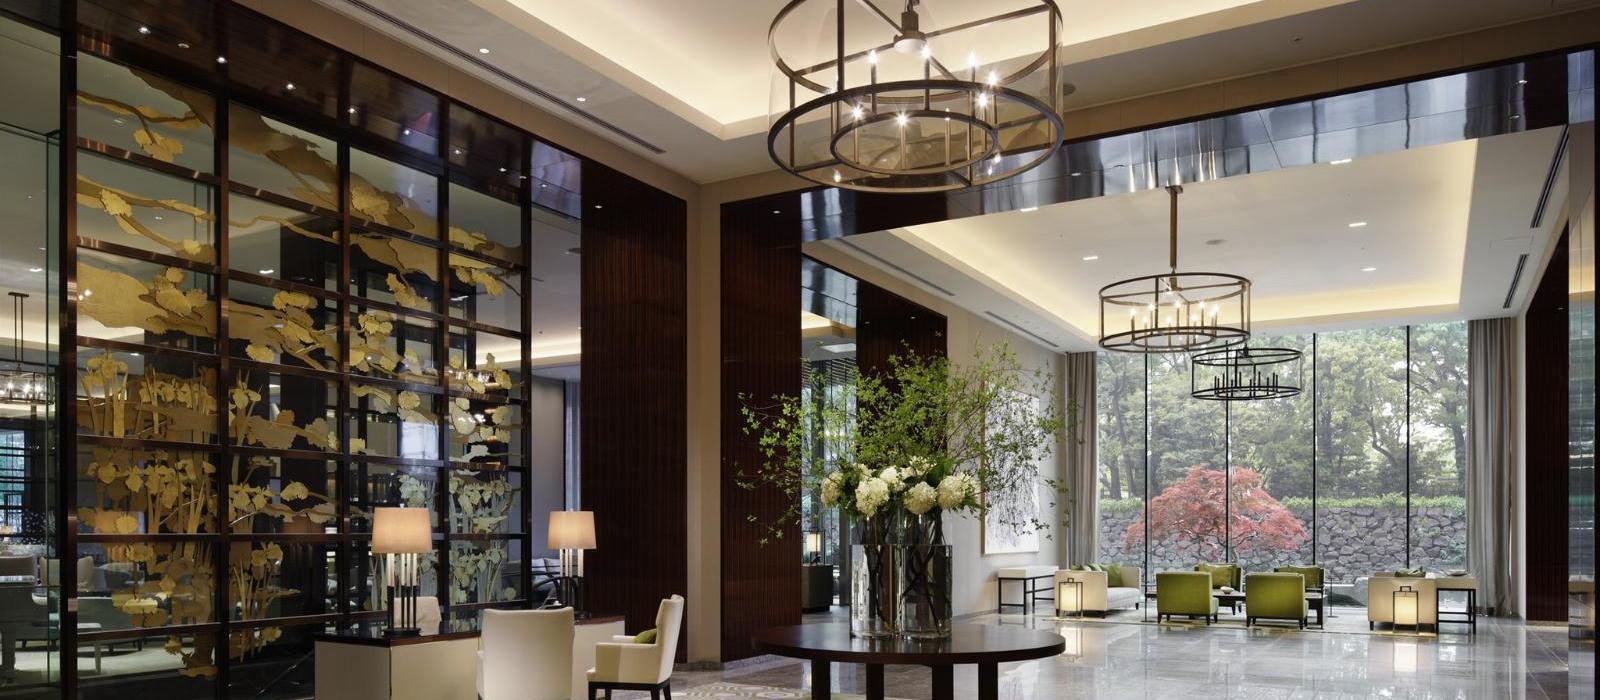 东京皇宫酒店(Palace Hotel Tokyo) 图片  www.lhw.cn